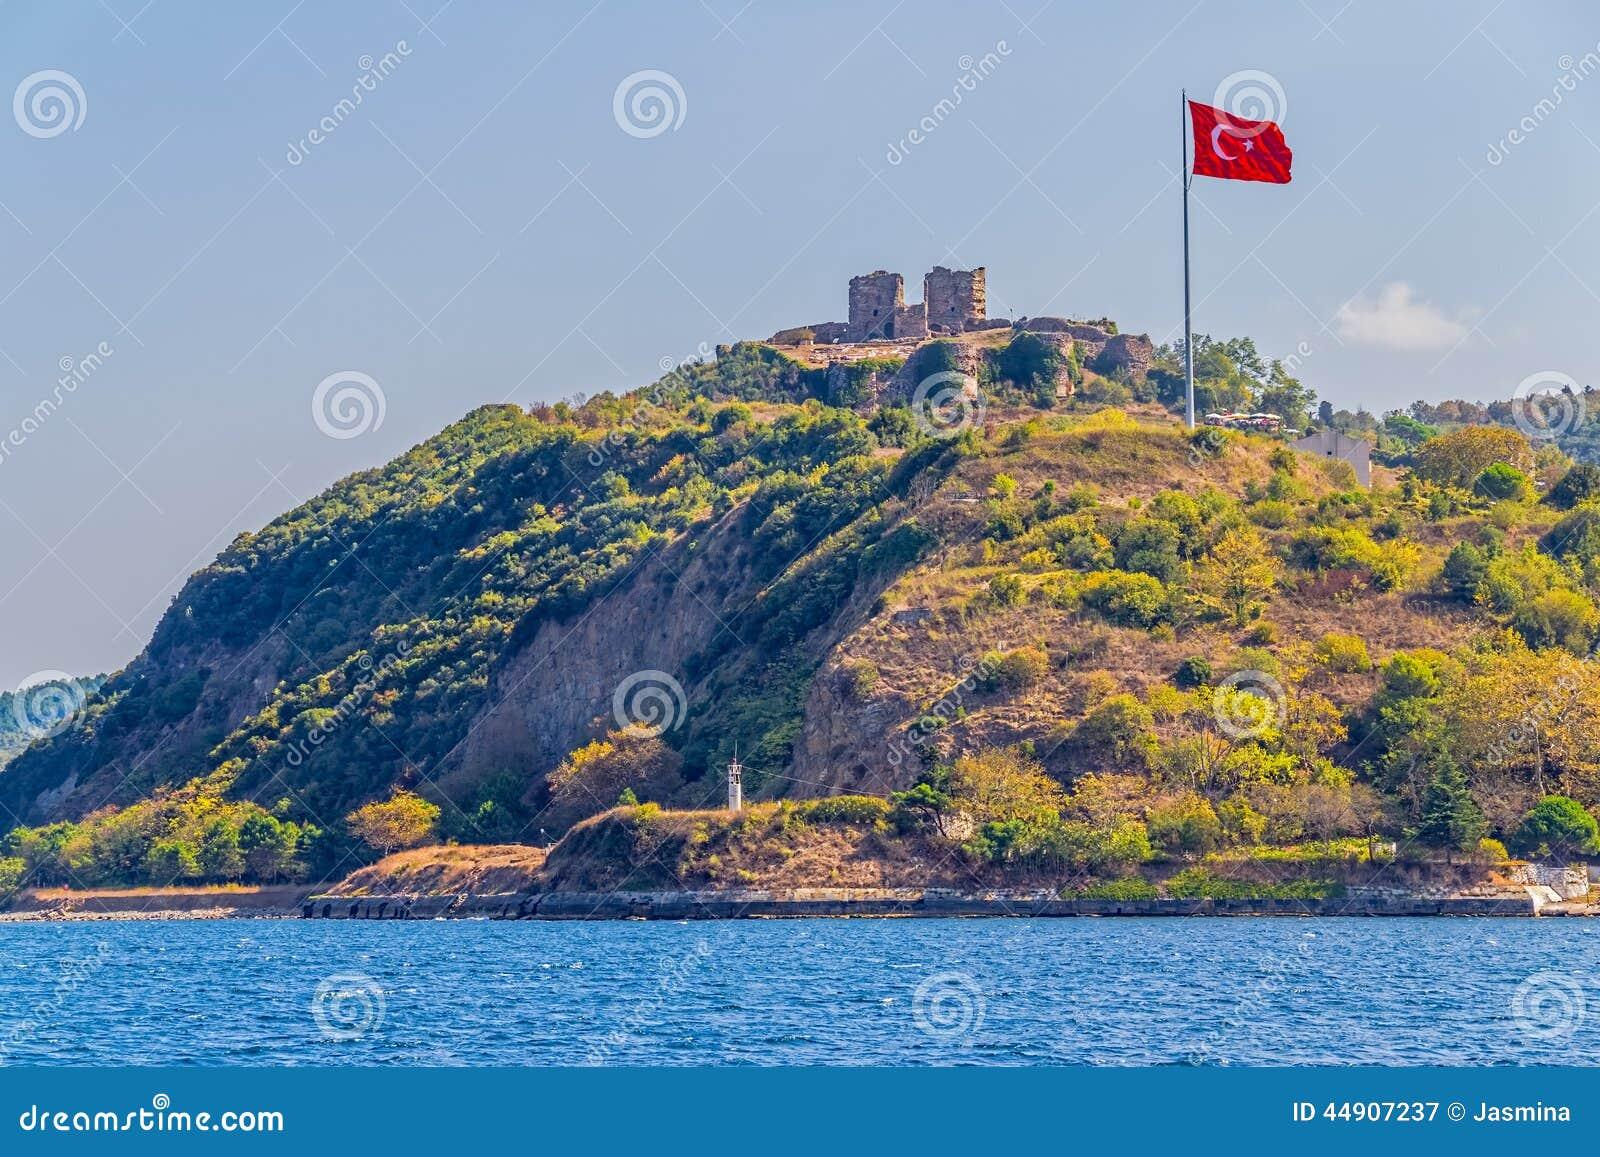 Anadolu Kavagi With Yoros Castle Stock Photo - Image: 44907237